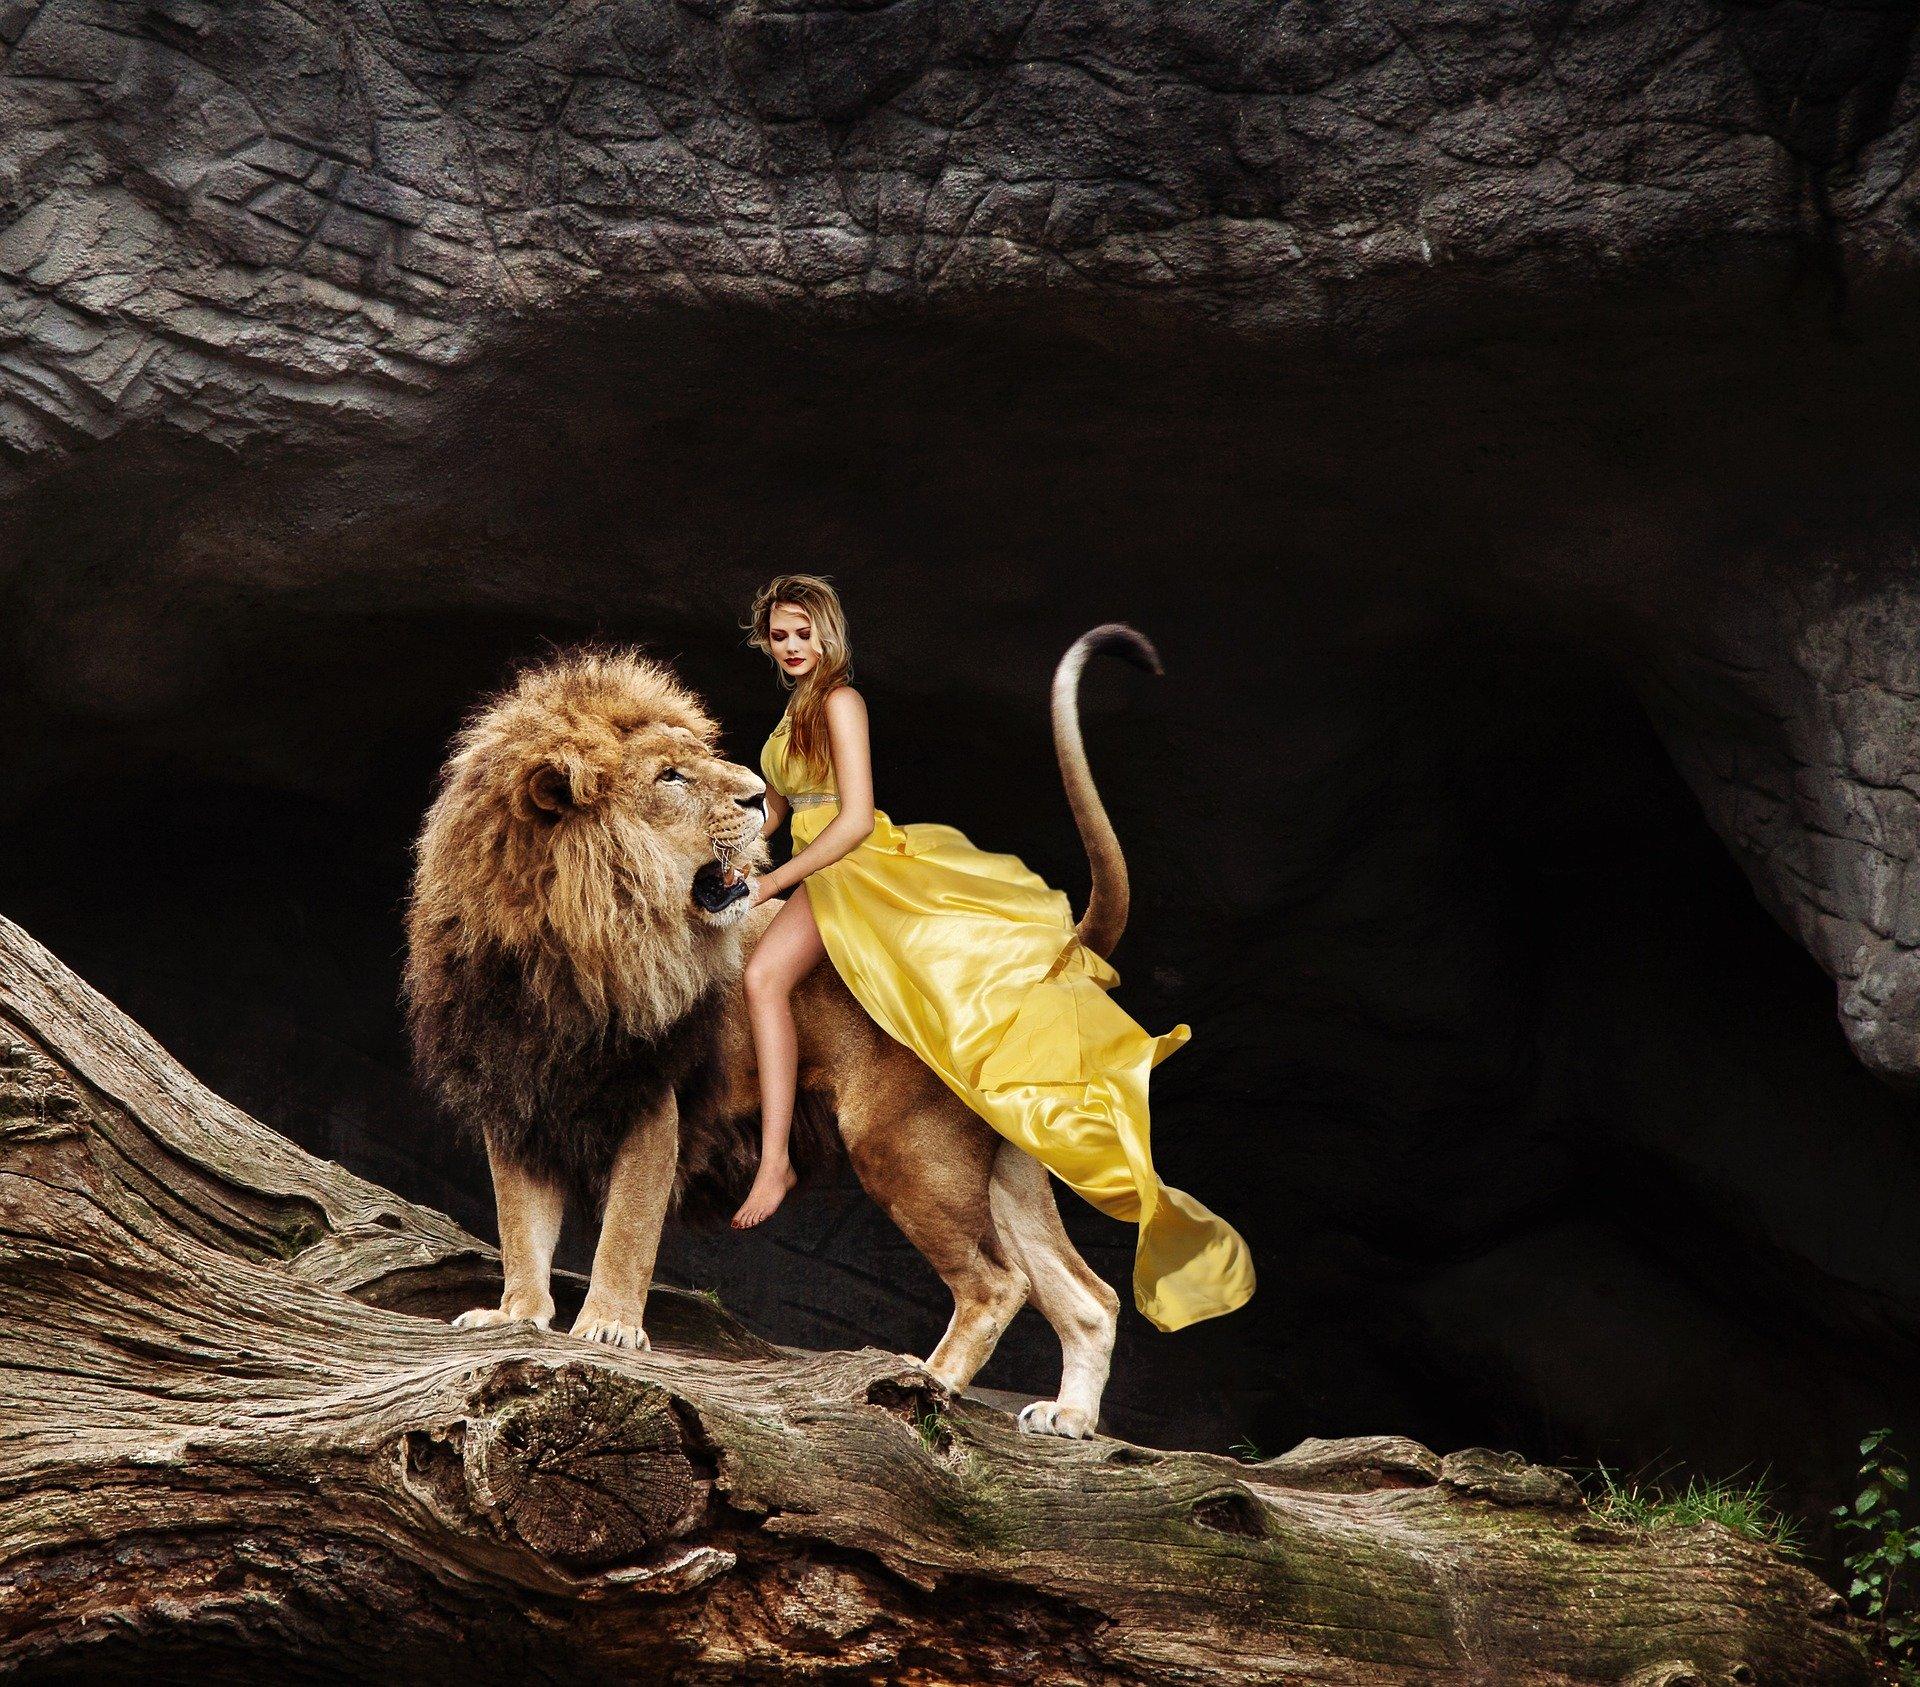 lion-3403595_1920